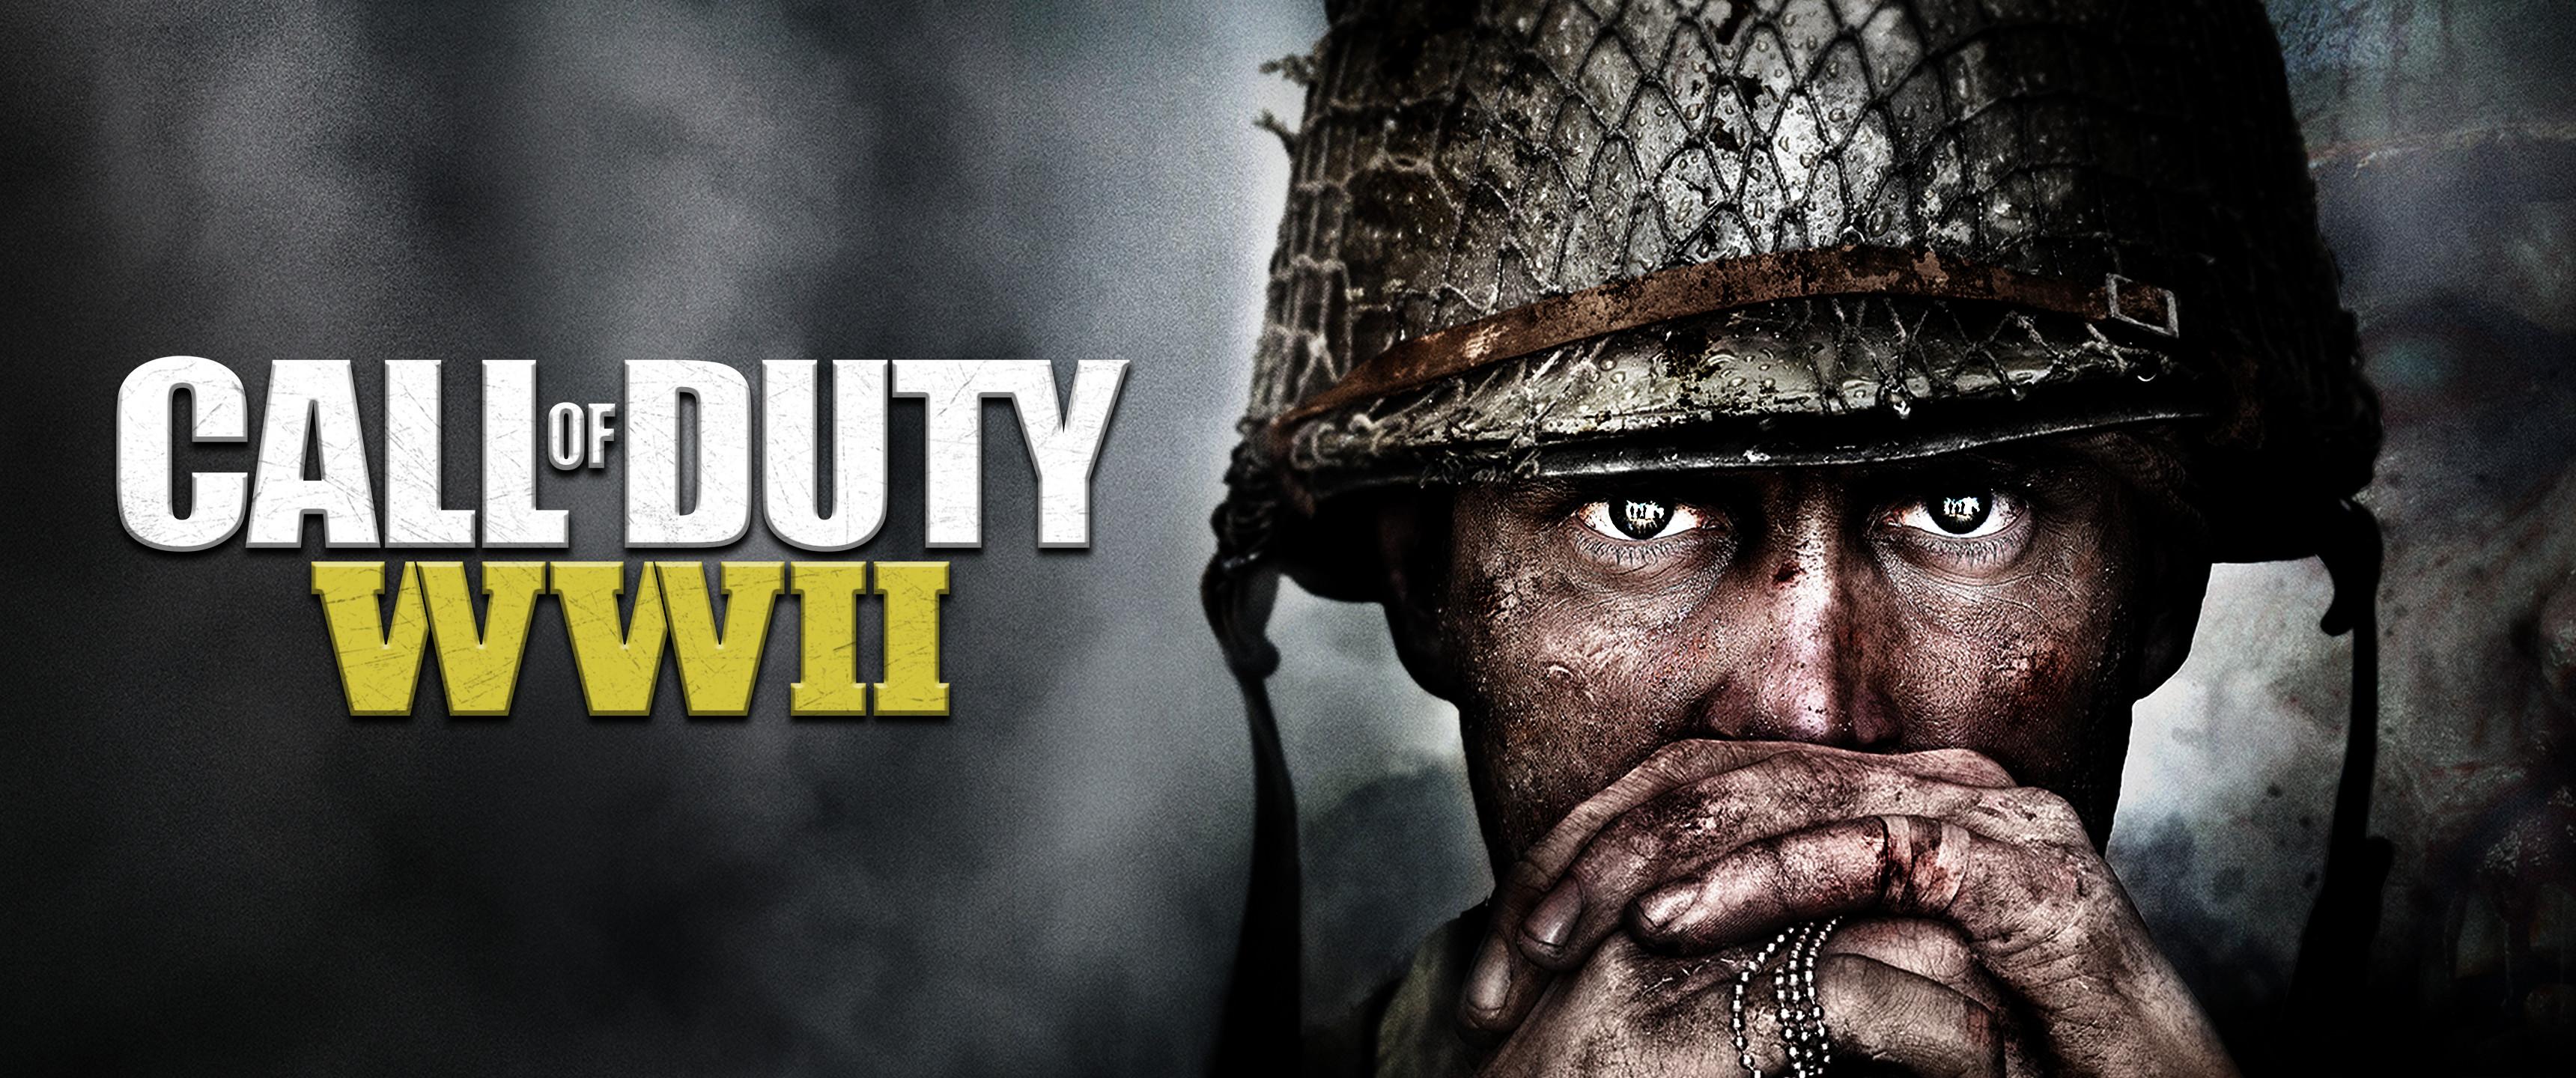 Call Of Duty Ww2 Iphone Wallpaper World War 2 Wallpaper Hd 62 Images